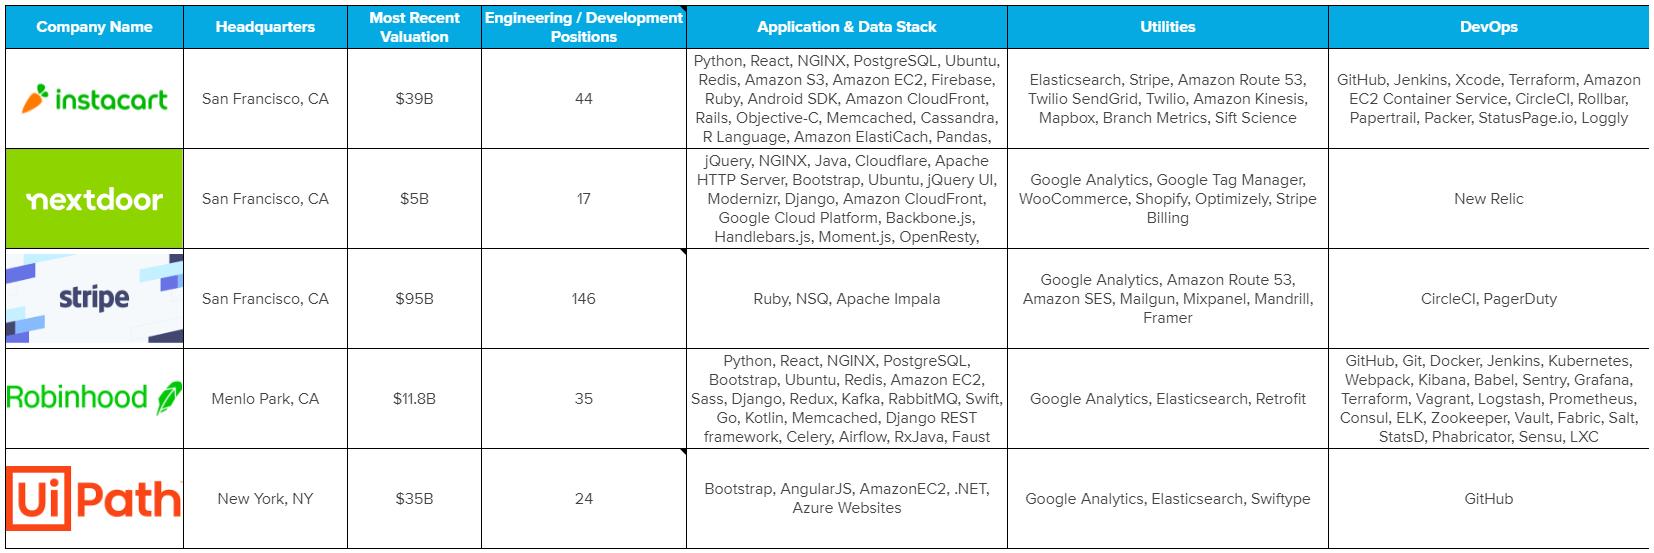 Tableau détaillant les types de technologies et d'outils utilisés par les sociétés introduites en bourse les plus attendues de 2021, selon Coding Dojo.